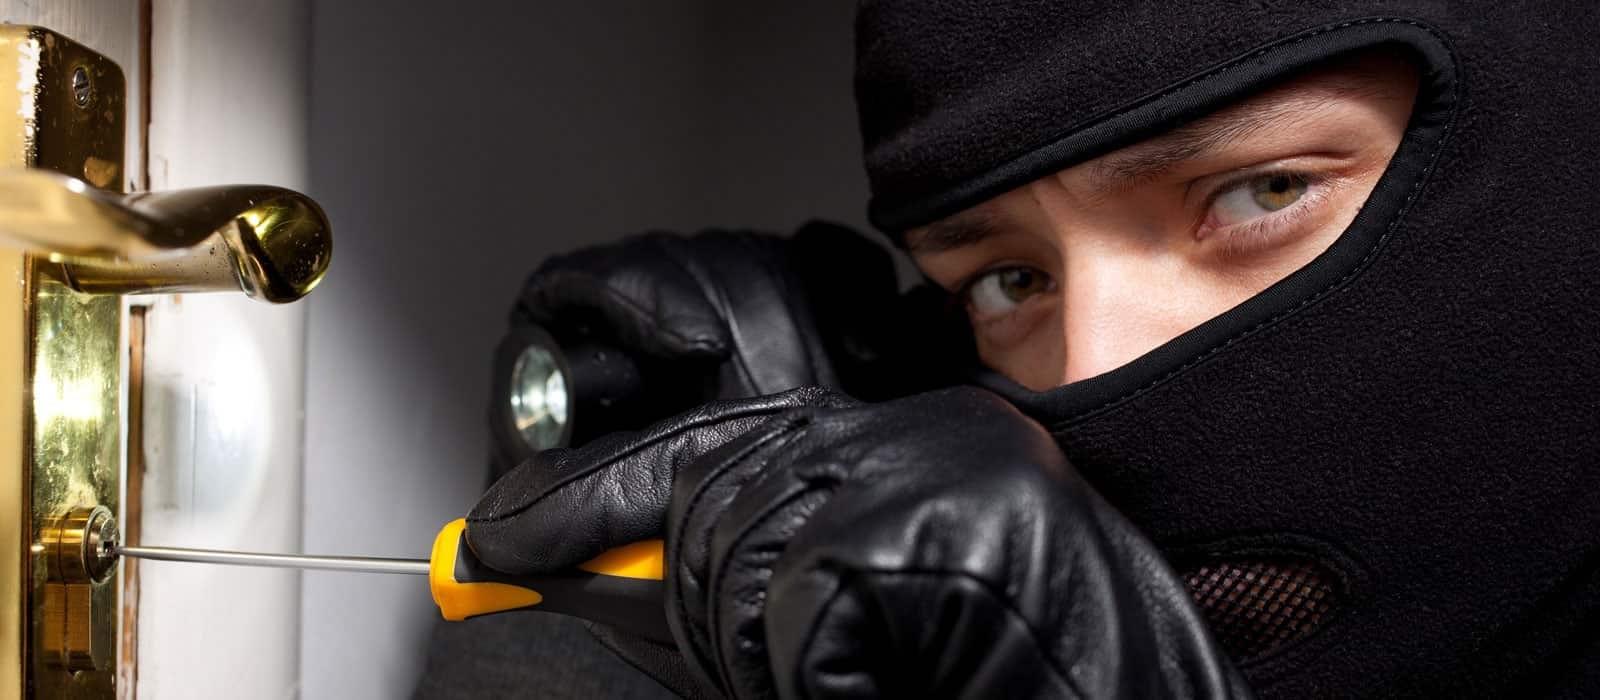 Giúp gia chủ chống trộm hiệu quả